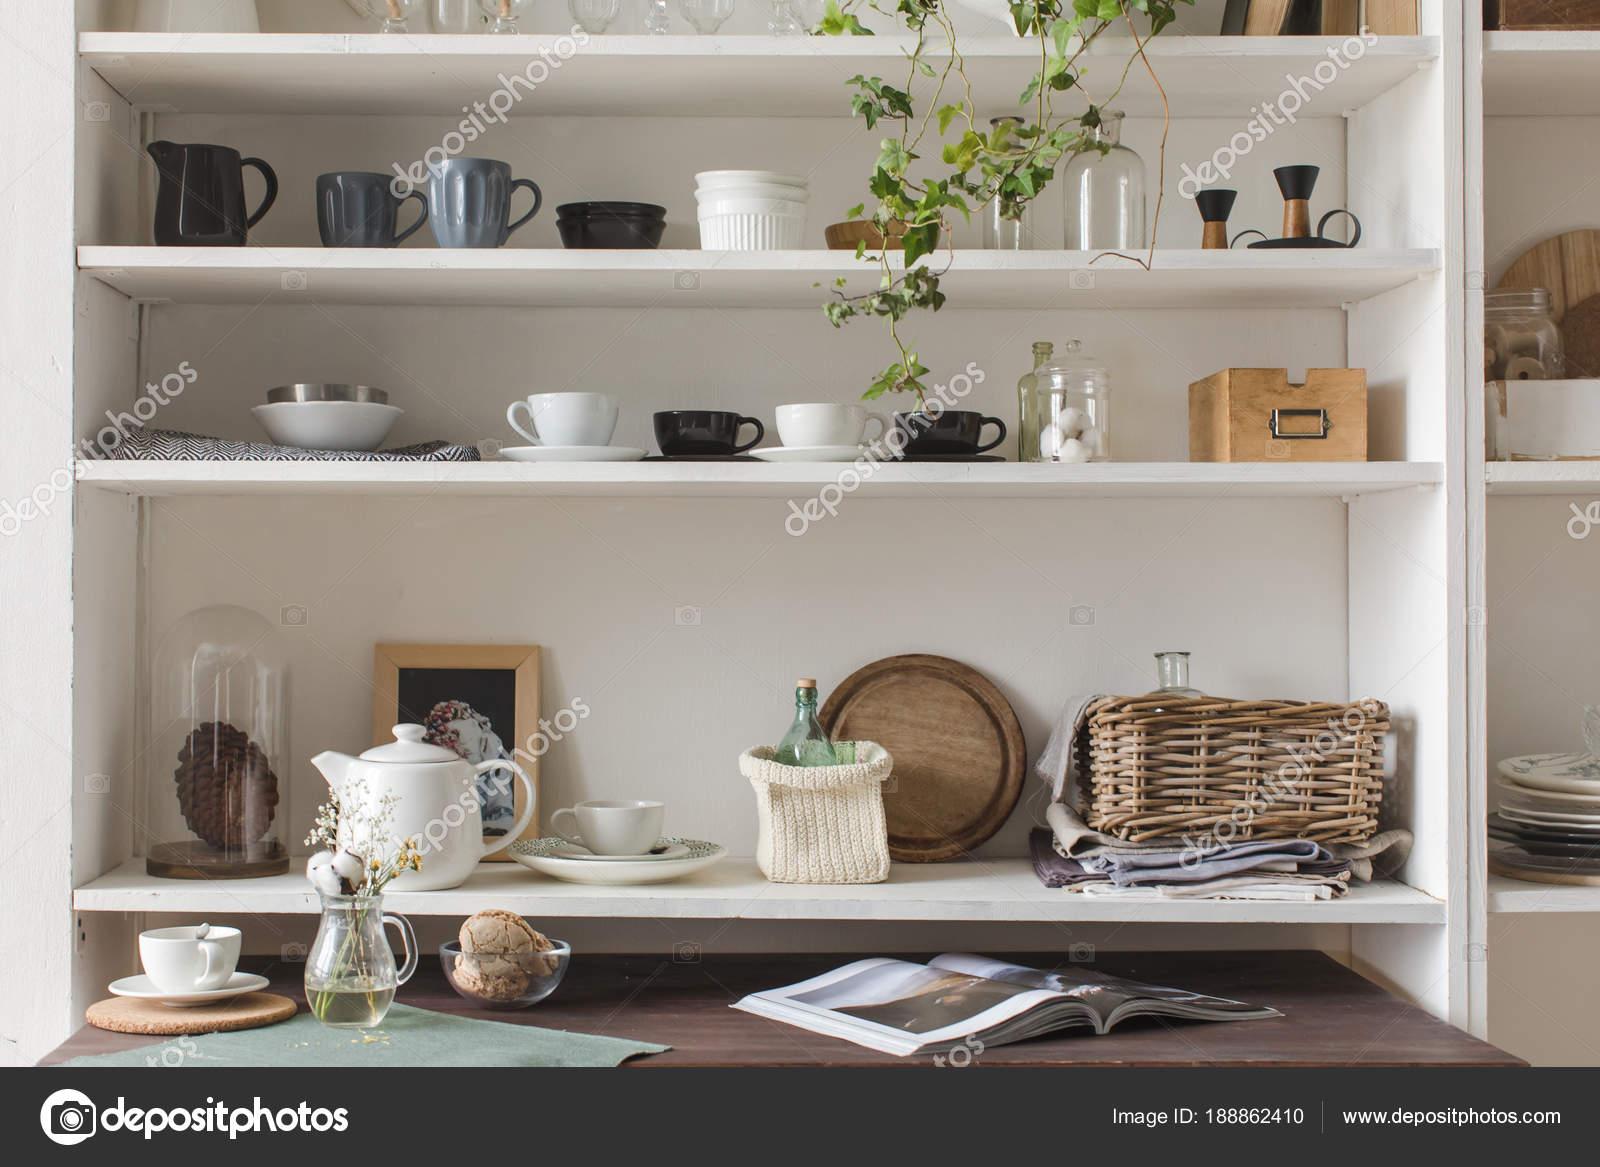 Mensole da cucina con utensili — Foto Stock © 371819 #188862410